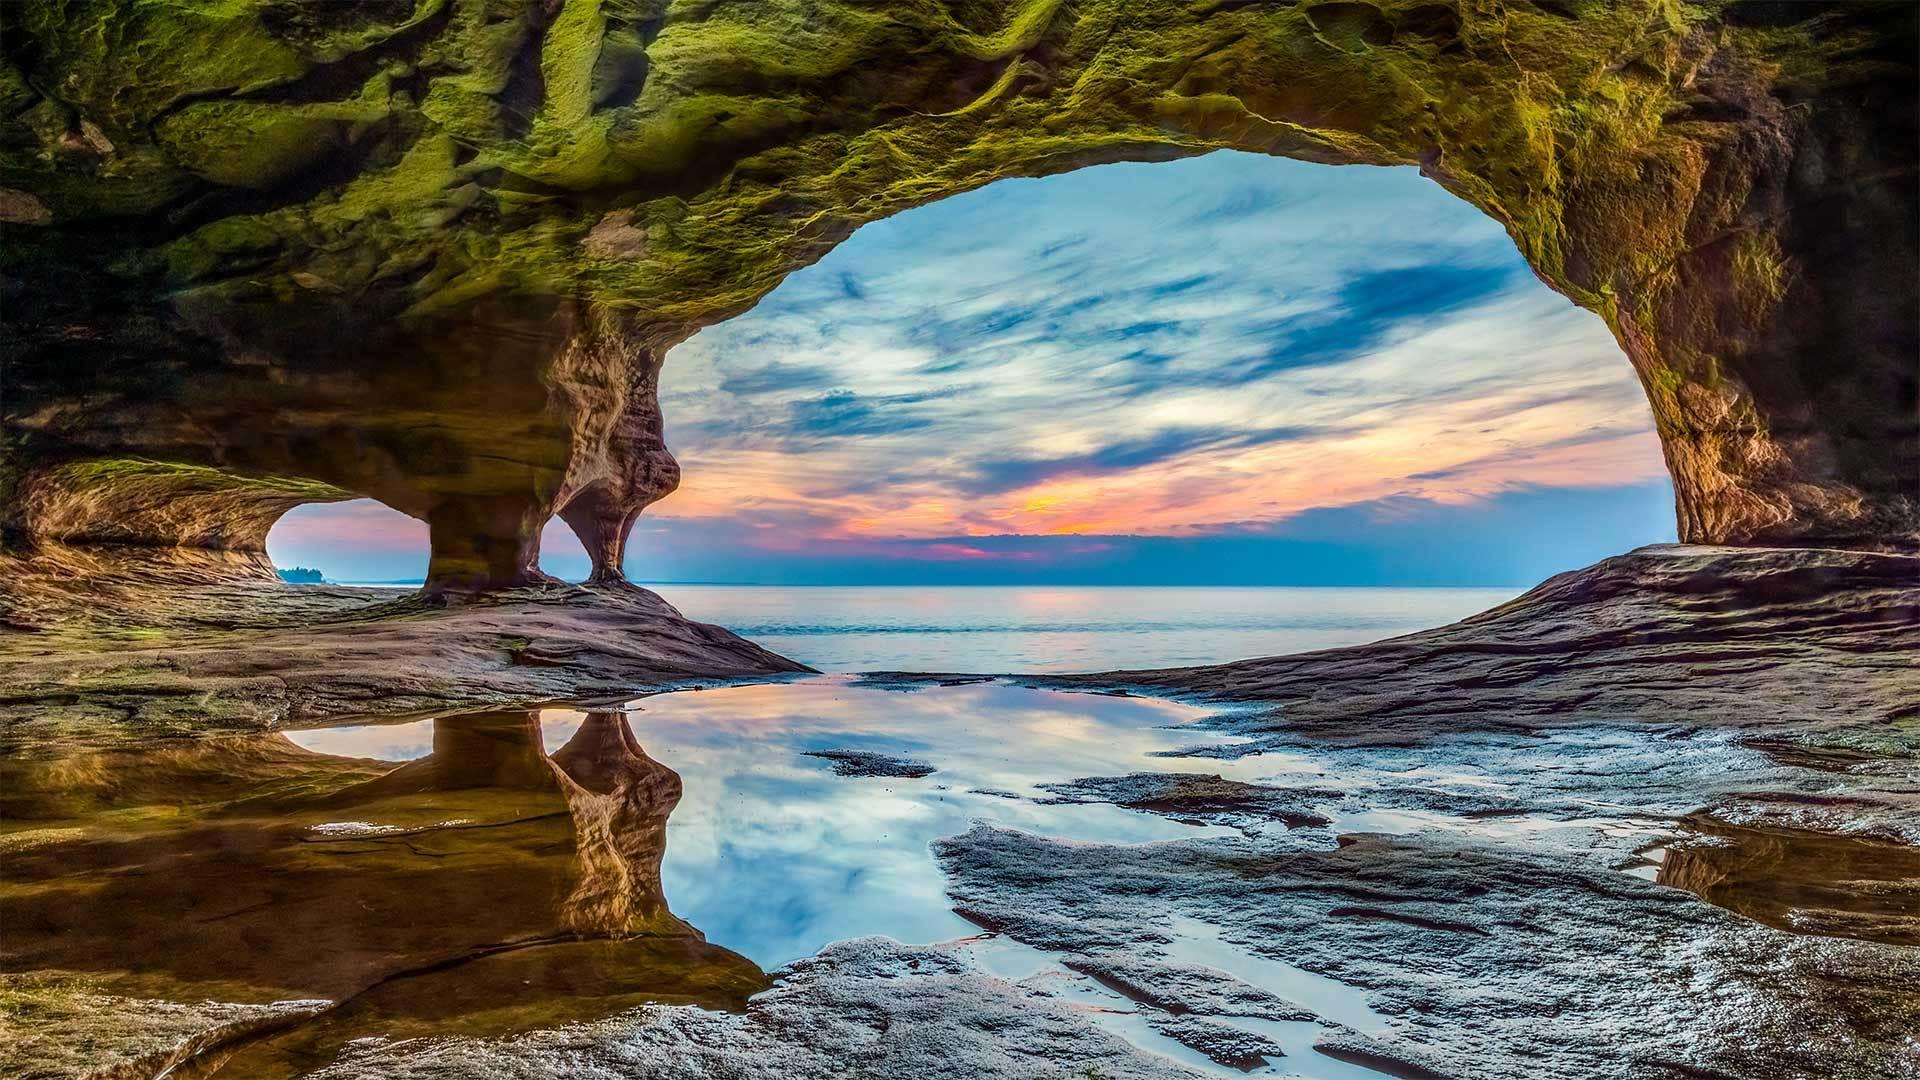 彩岩国家湖滨区的岩洞彩岩国家湖滨区